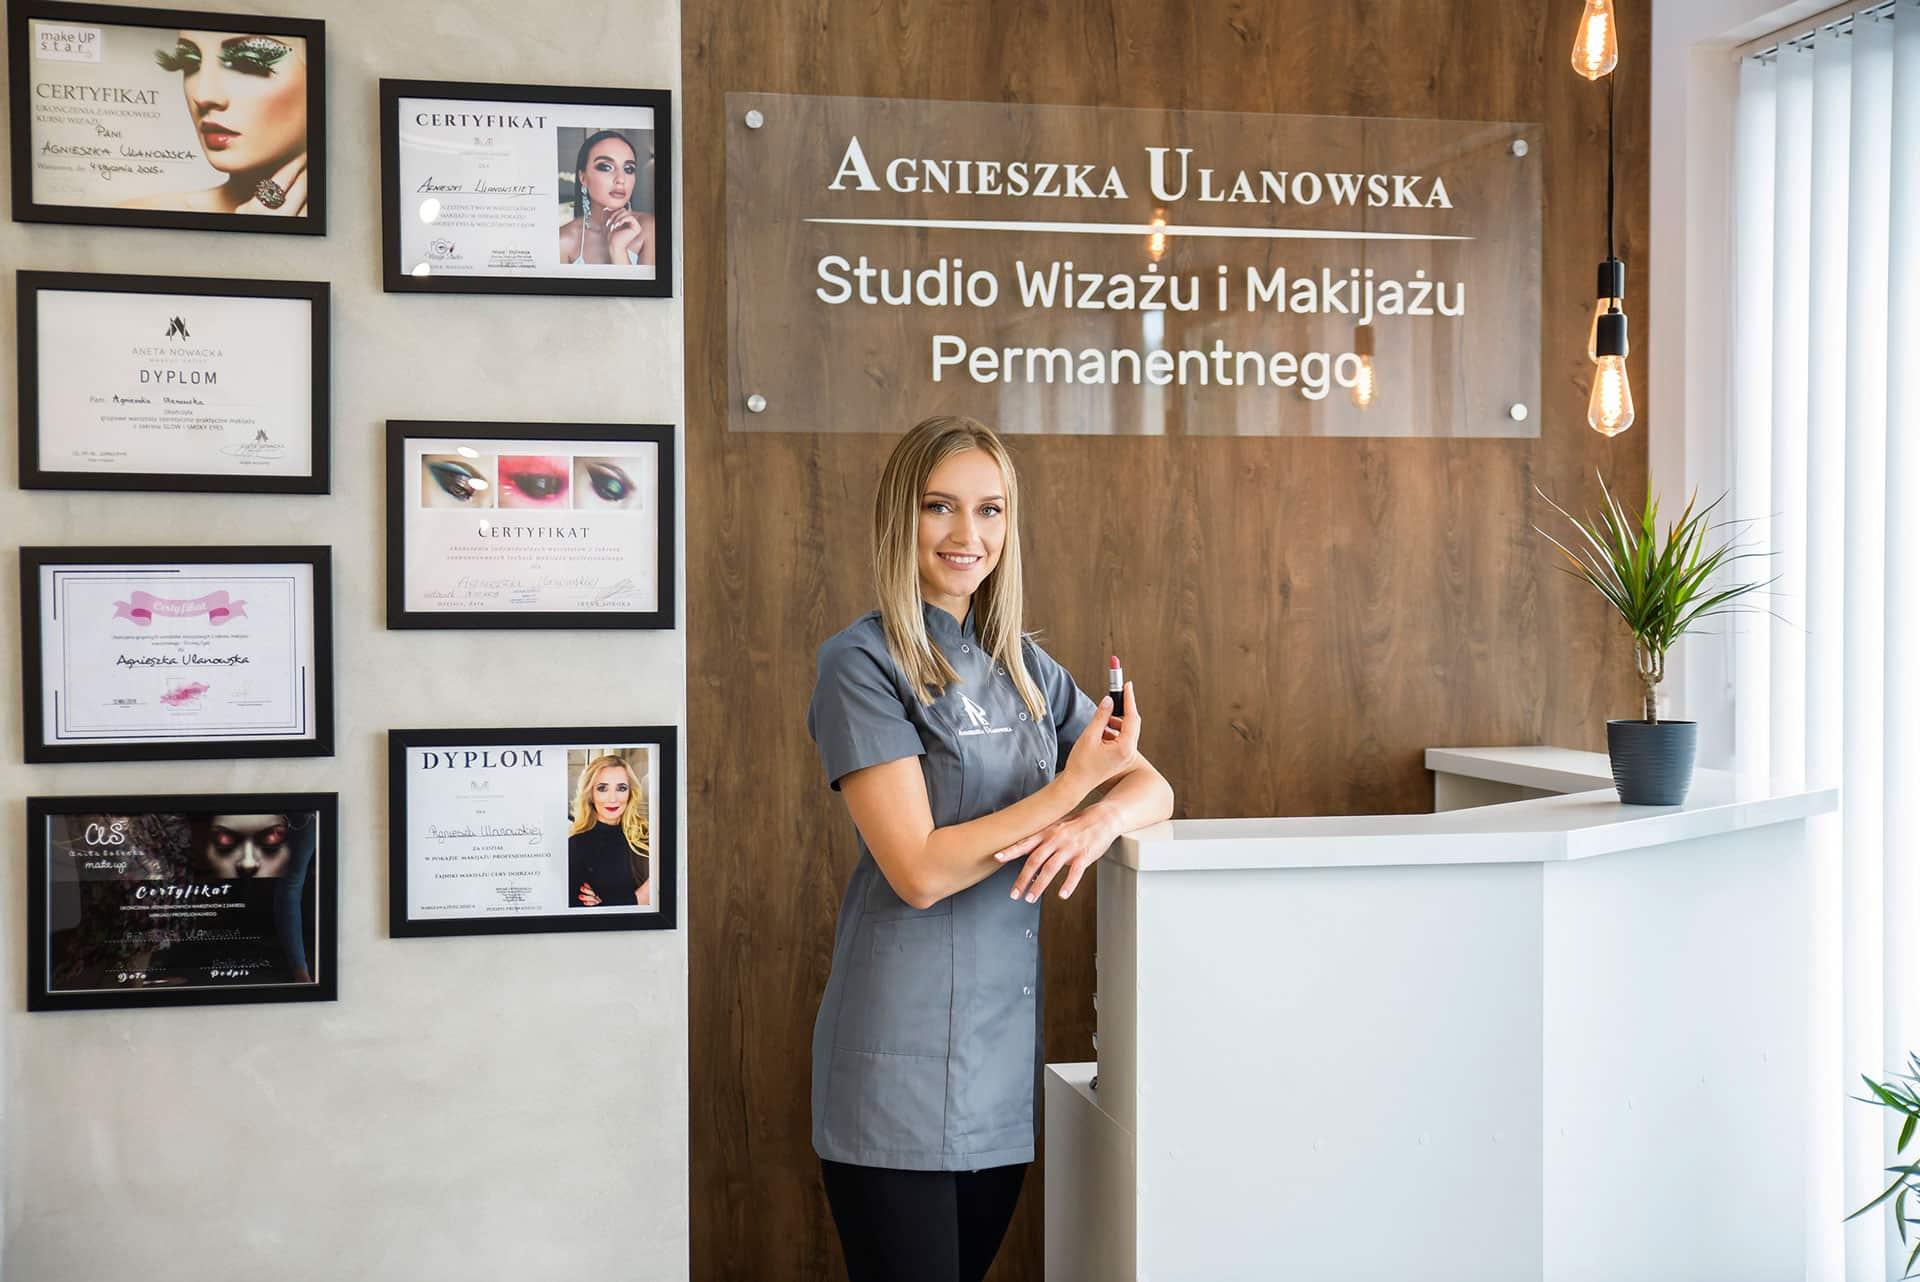 Studio Wizażu i Makijażu Permanentnego Agnieszka Ulanowska